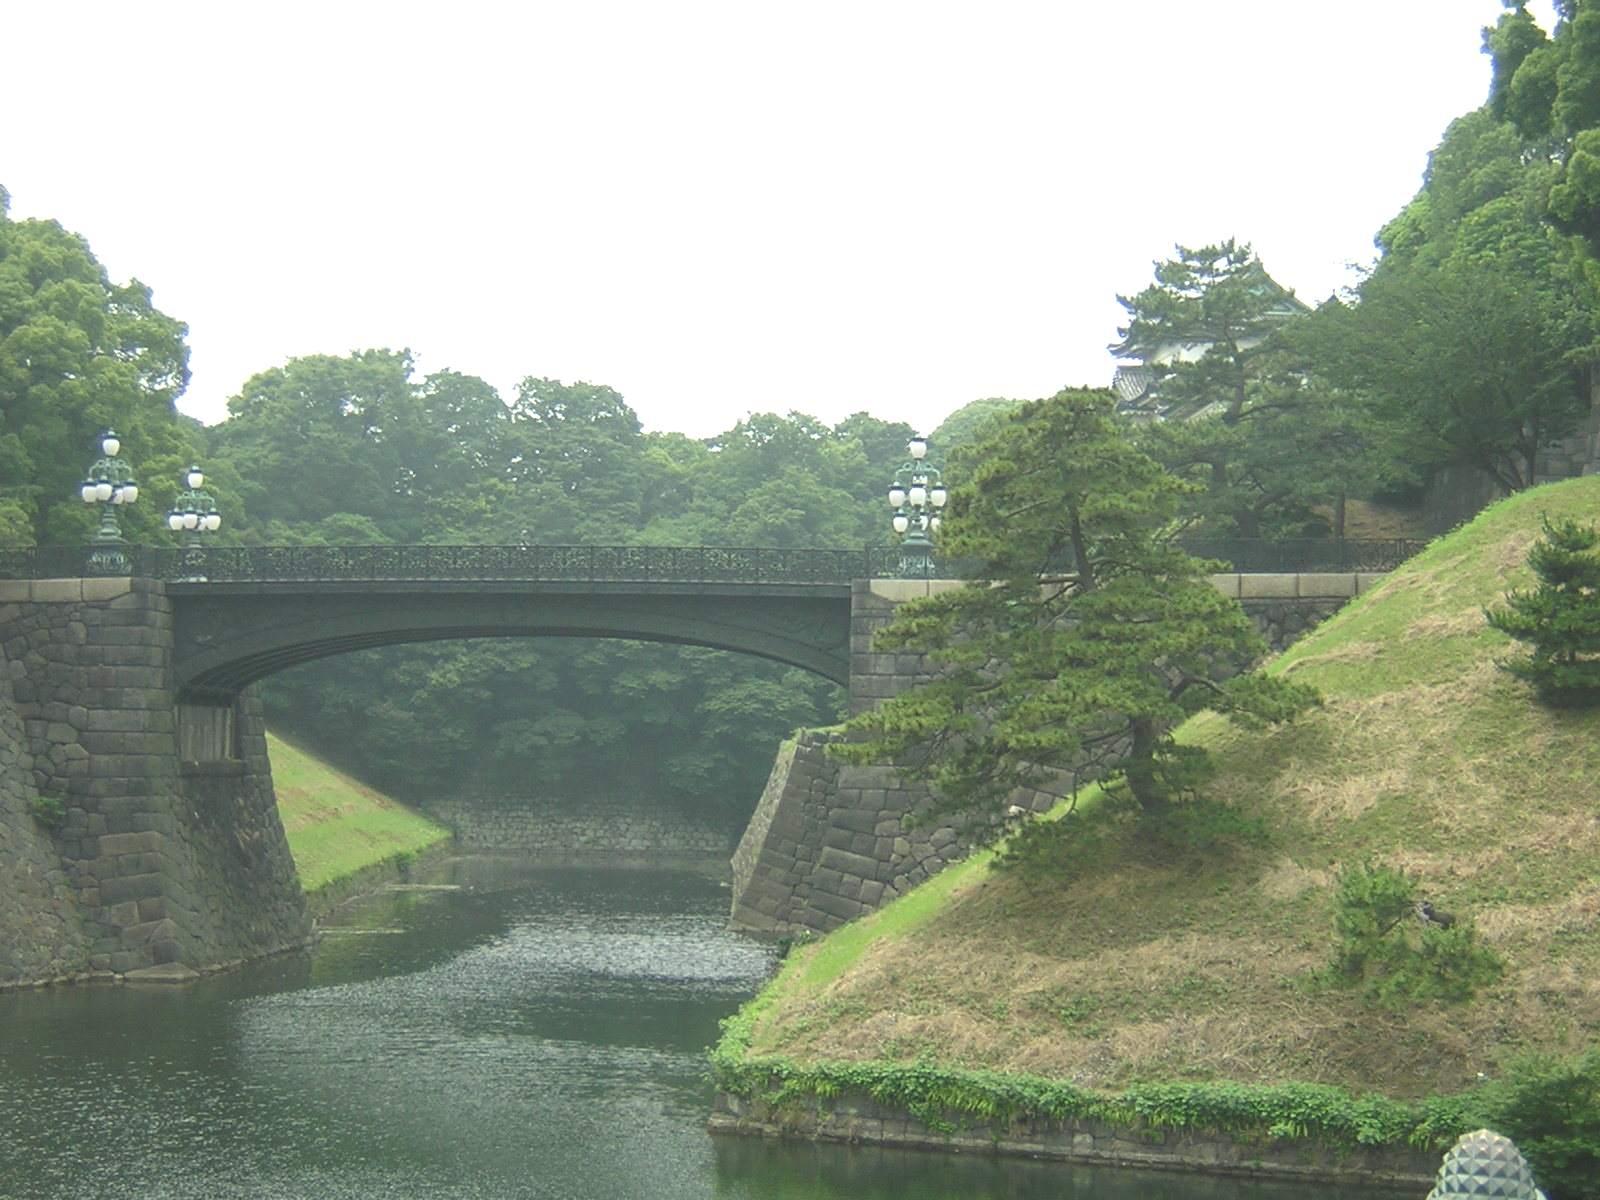 正式には奥の橋を正門鉄橋、手前の橋を正門石橋というらしい。